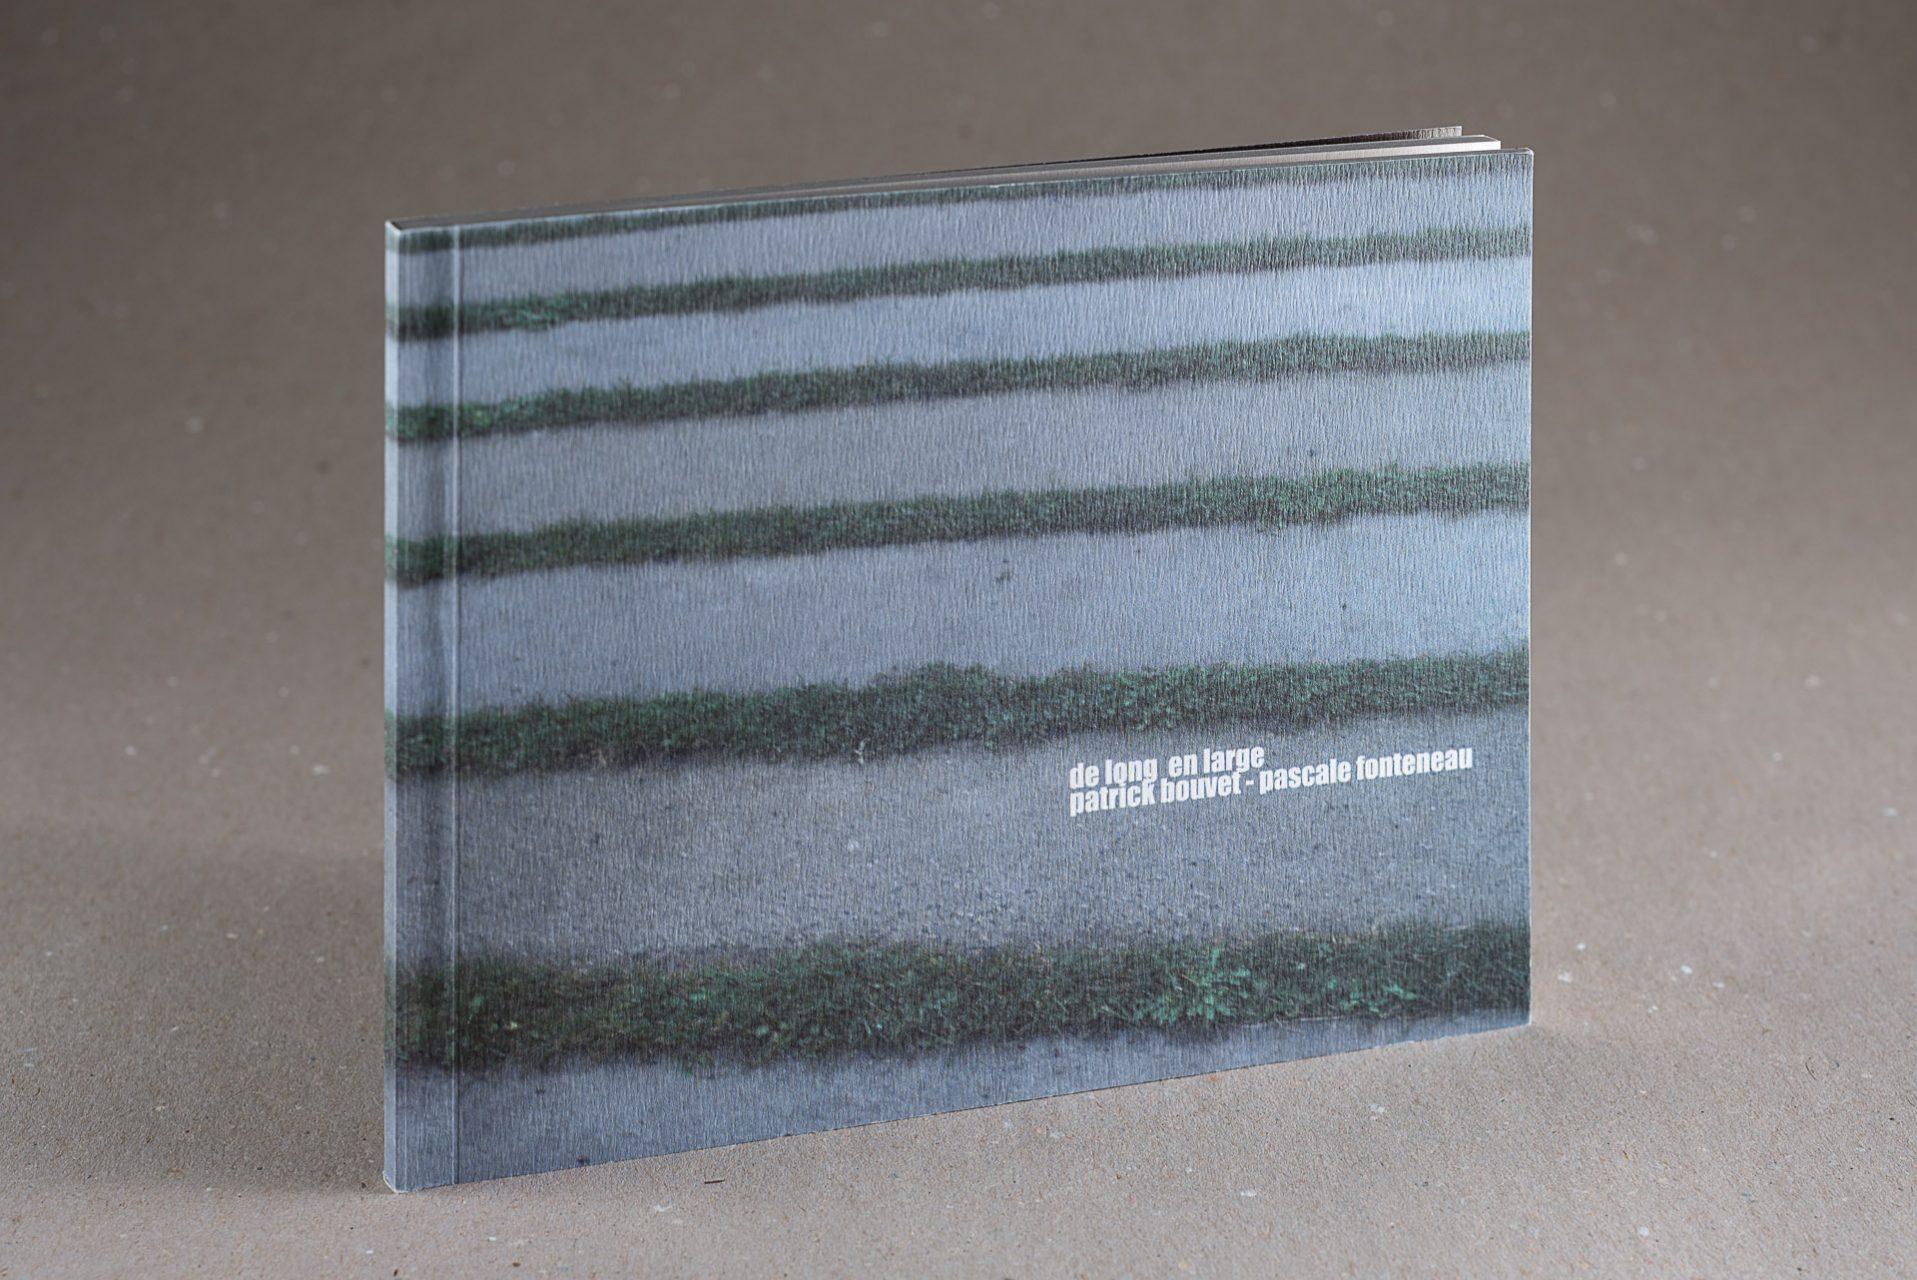 web-hd-nuit-myrtide-livre-de-long-en-large-bouvet-fonteneau-01